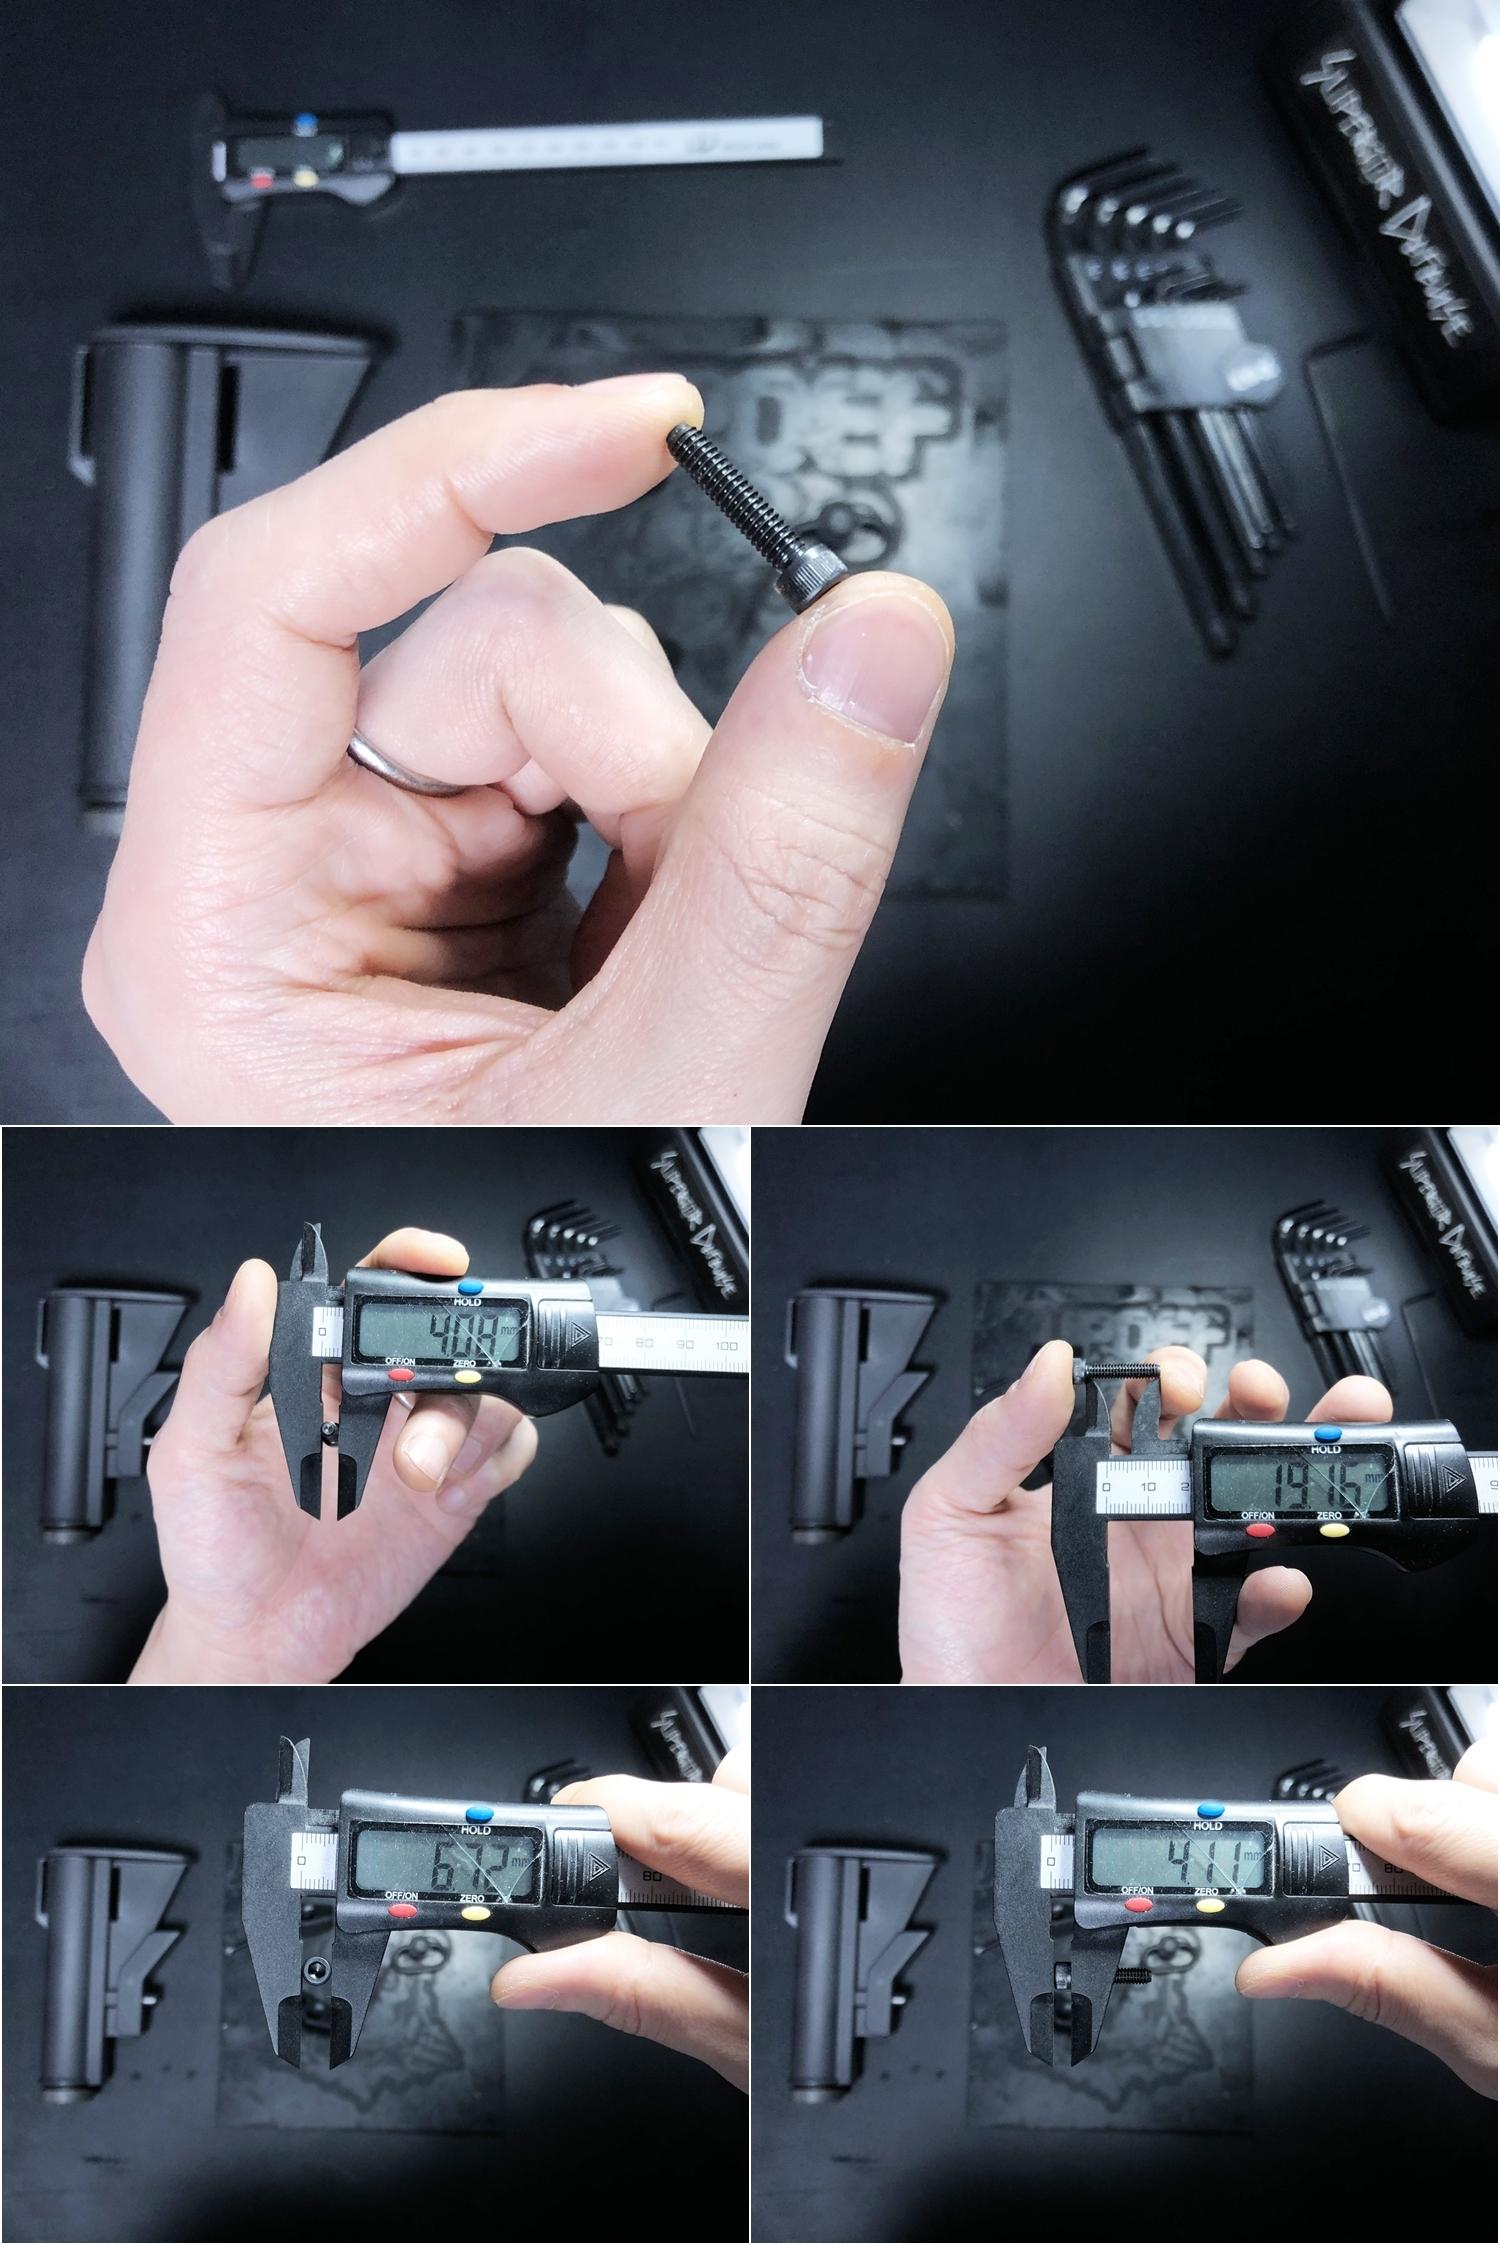 10 実物 Knight's Armament M4 Carbine Buttstock QD Sling Mount Kit & JOHN MASEN DELTA PAD & REMAKE M733 COMMANDOS STOCK!! DIY NOVESKE PIG!! KAC ナイツ QD デルタパッド!! 購入 取付 カスタム レビュー!!